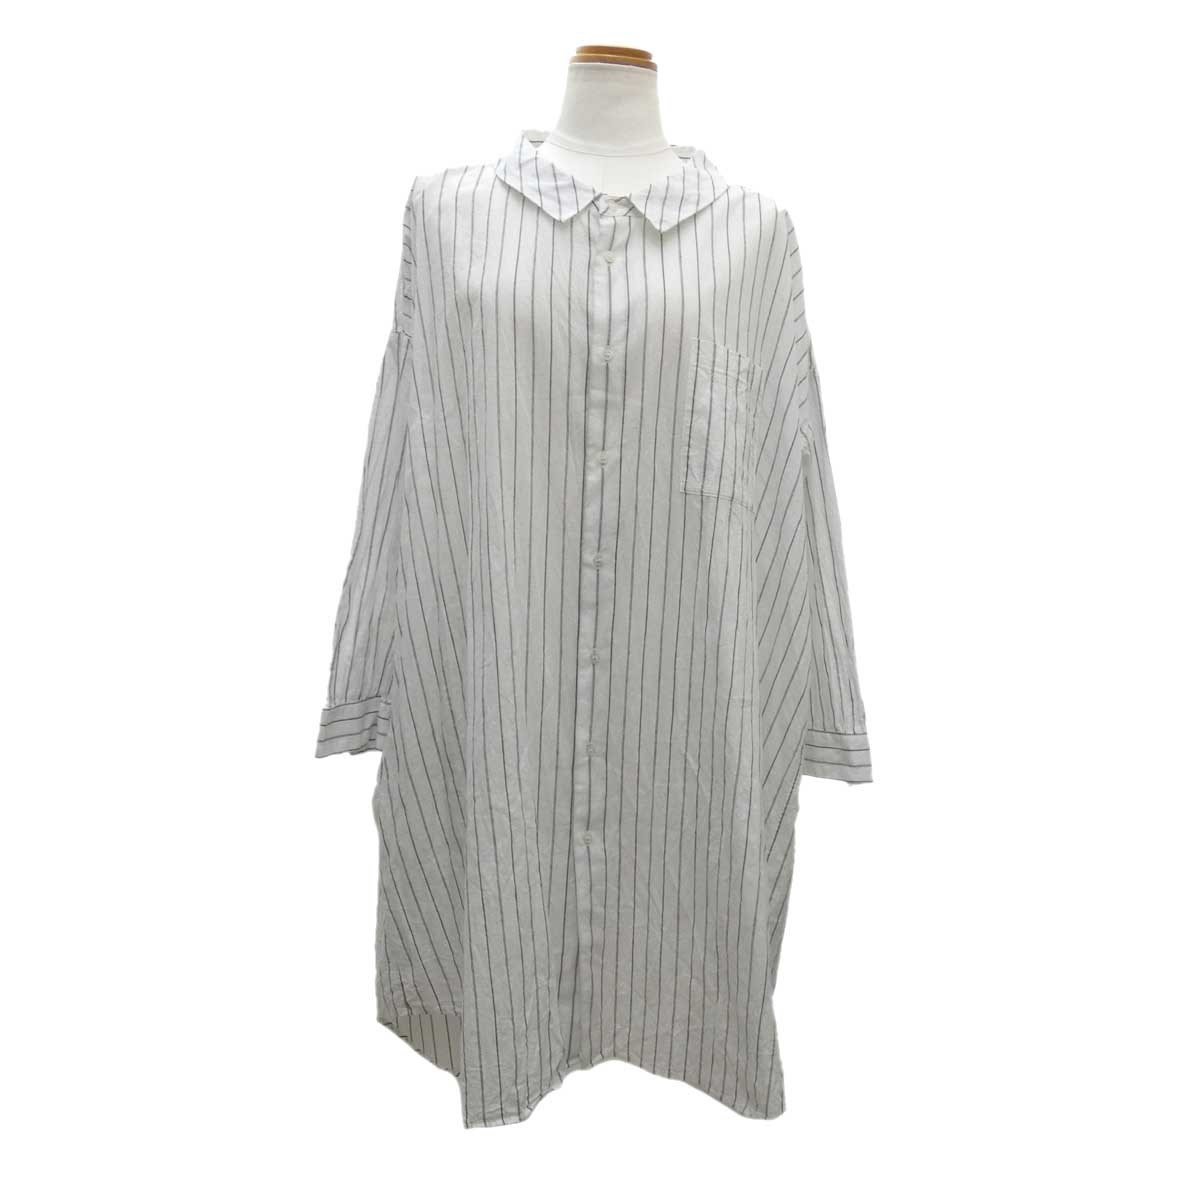 【中古】Ordinary fits ストライプシャツワンピース ホワイト サイズ:0 【010320】(オーディナリーフィッツ)